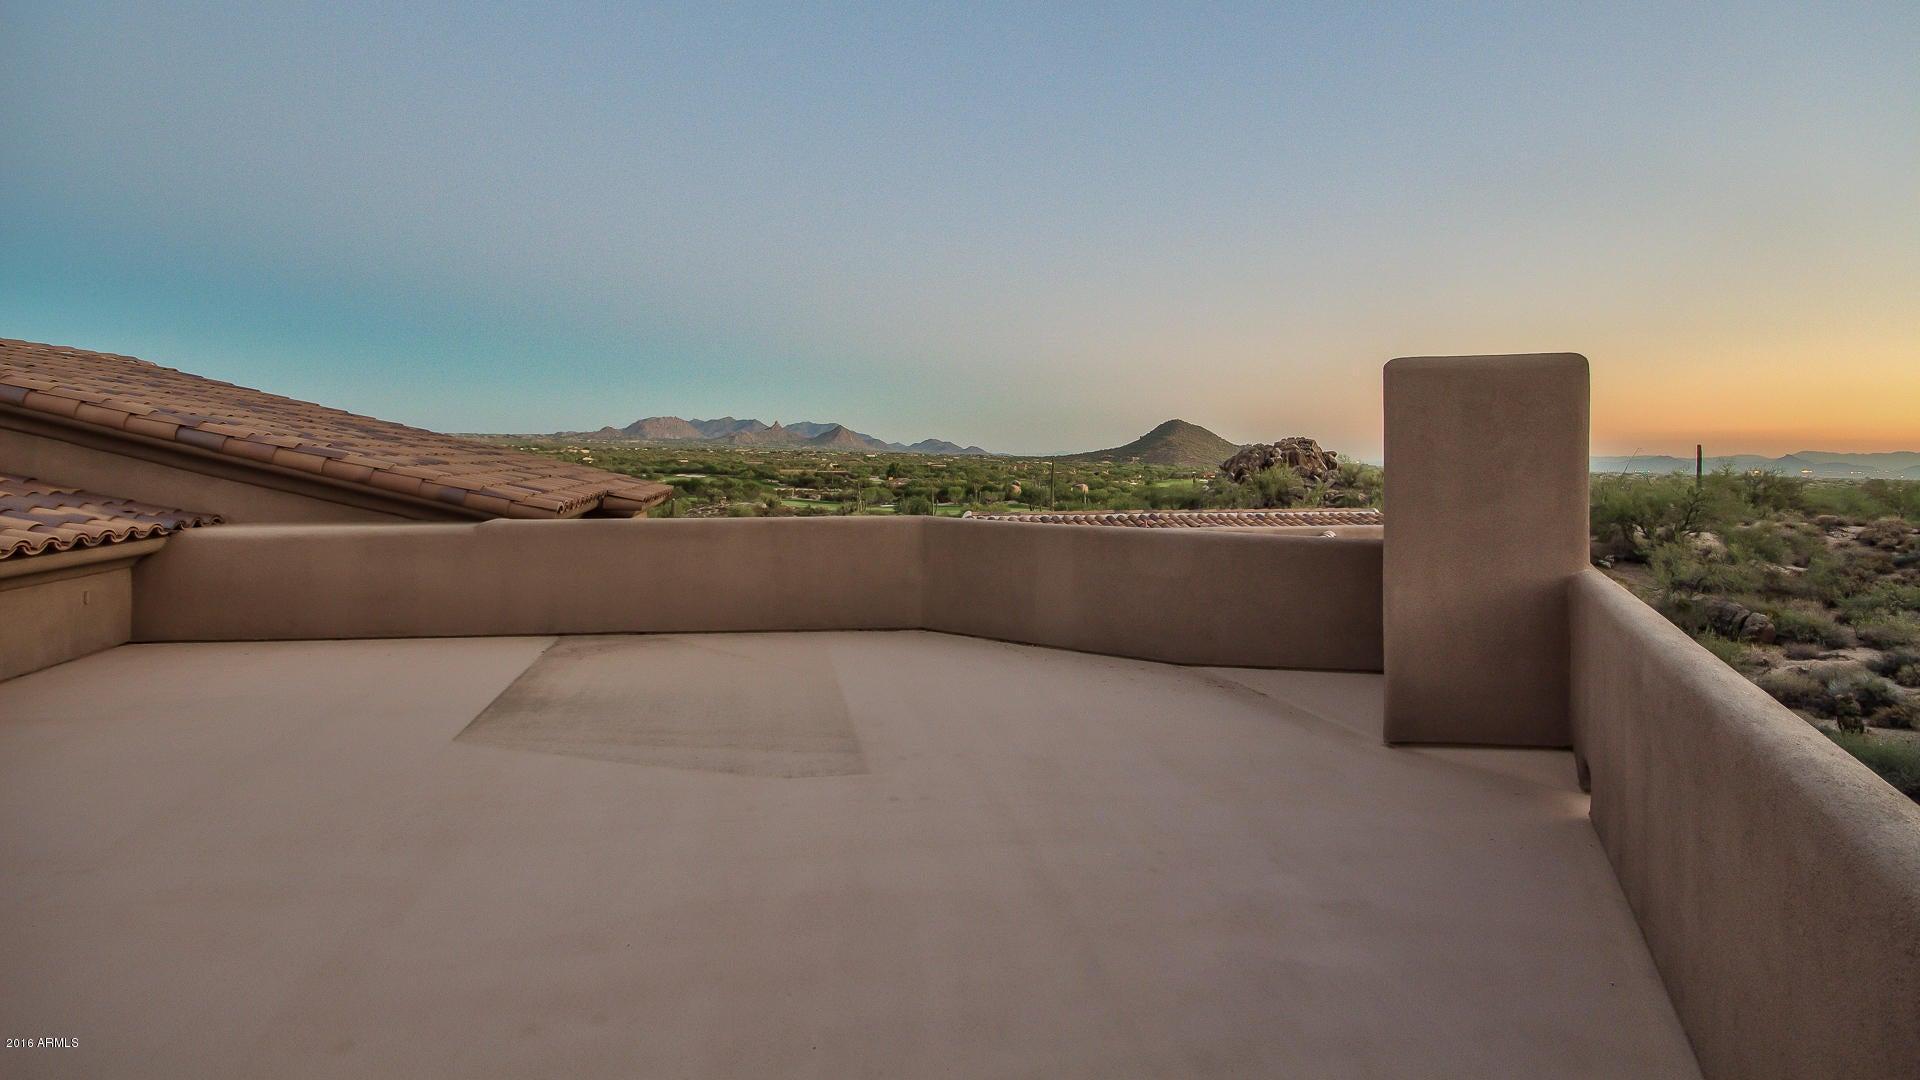 7949 E SOARING EAGLE Way Scottsdale, AZ 85266 - MLS #: 5674058